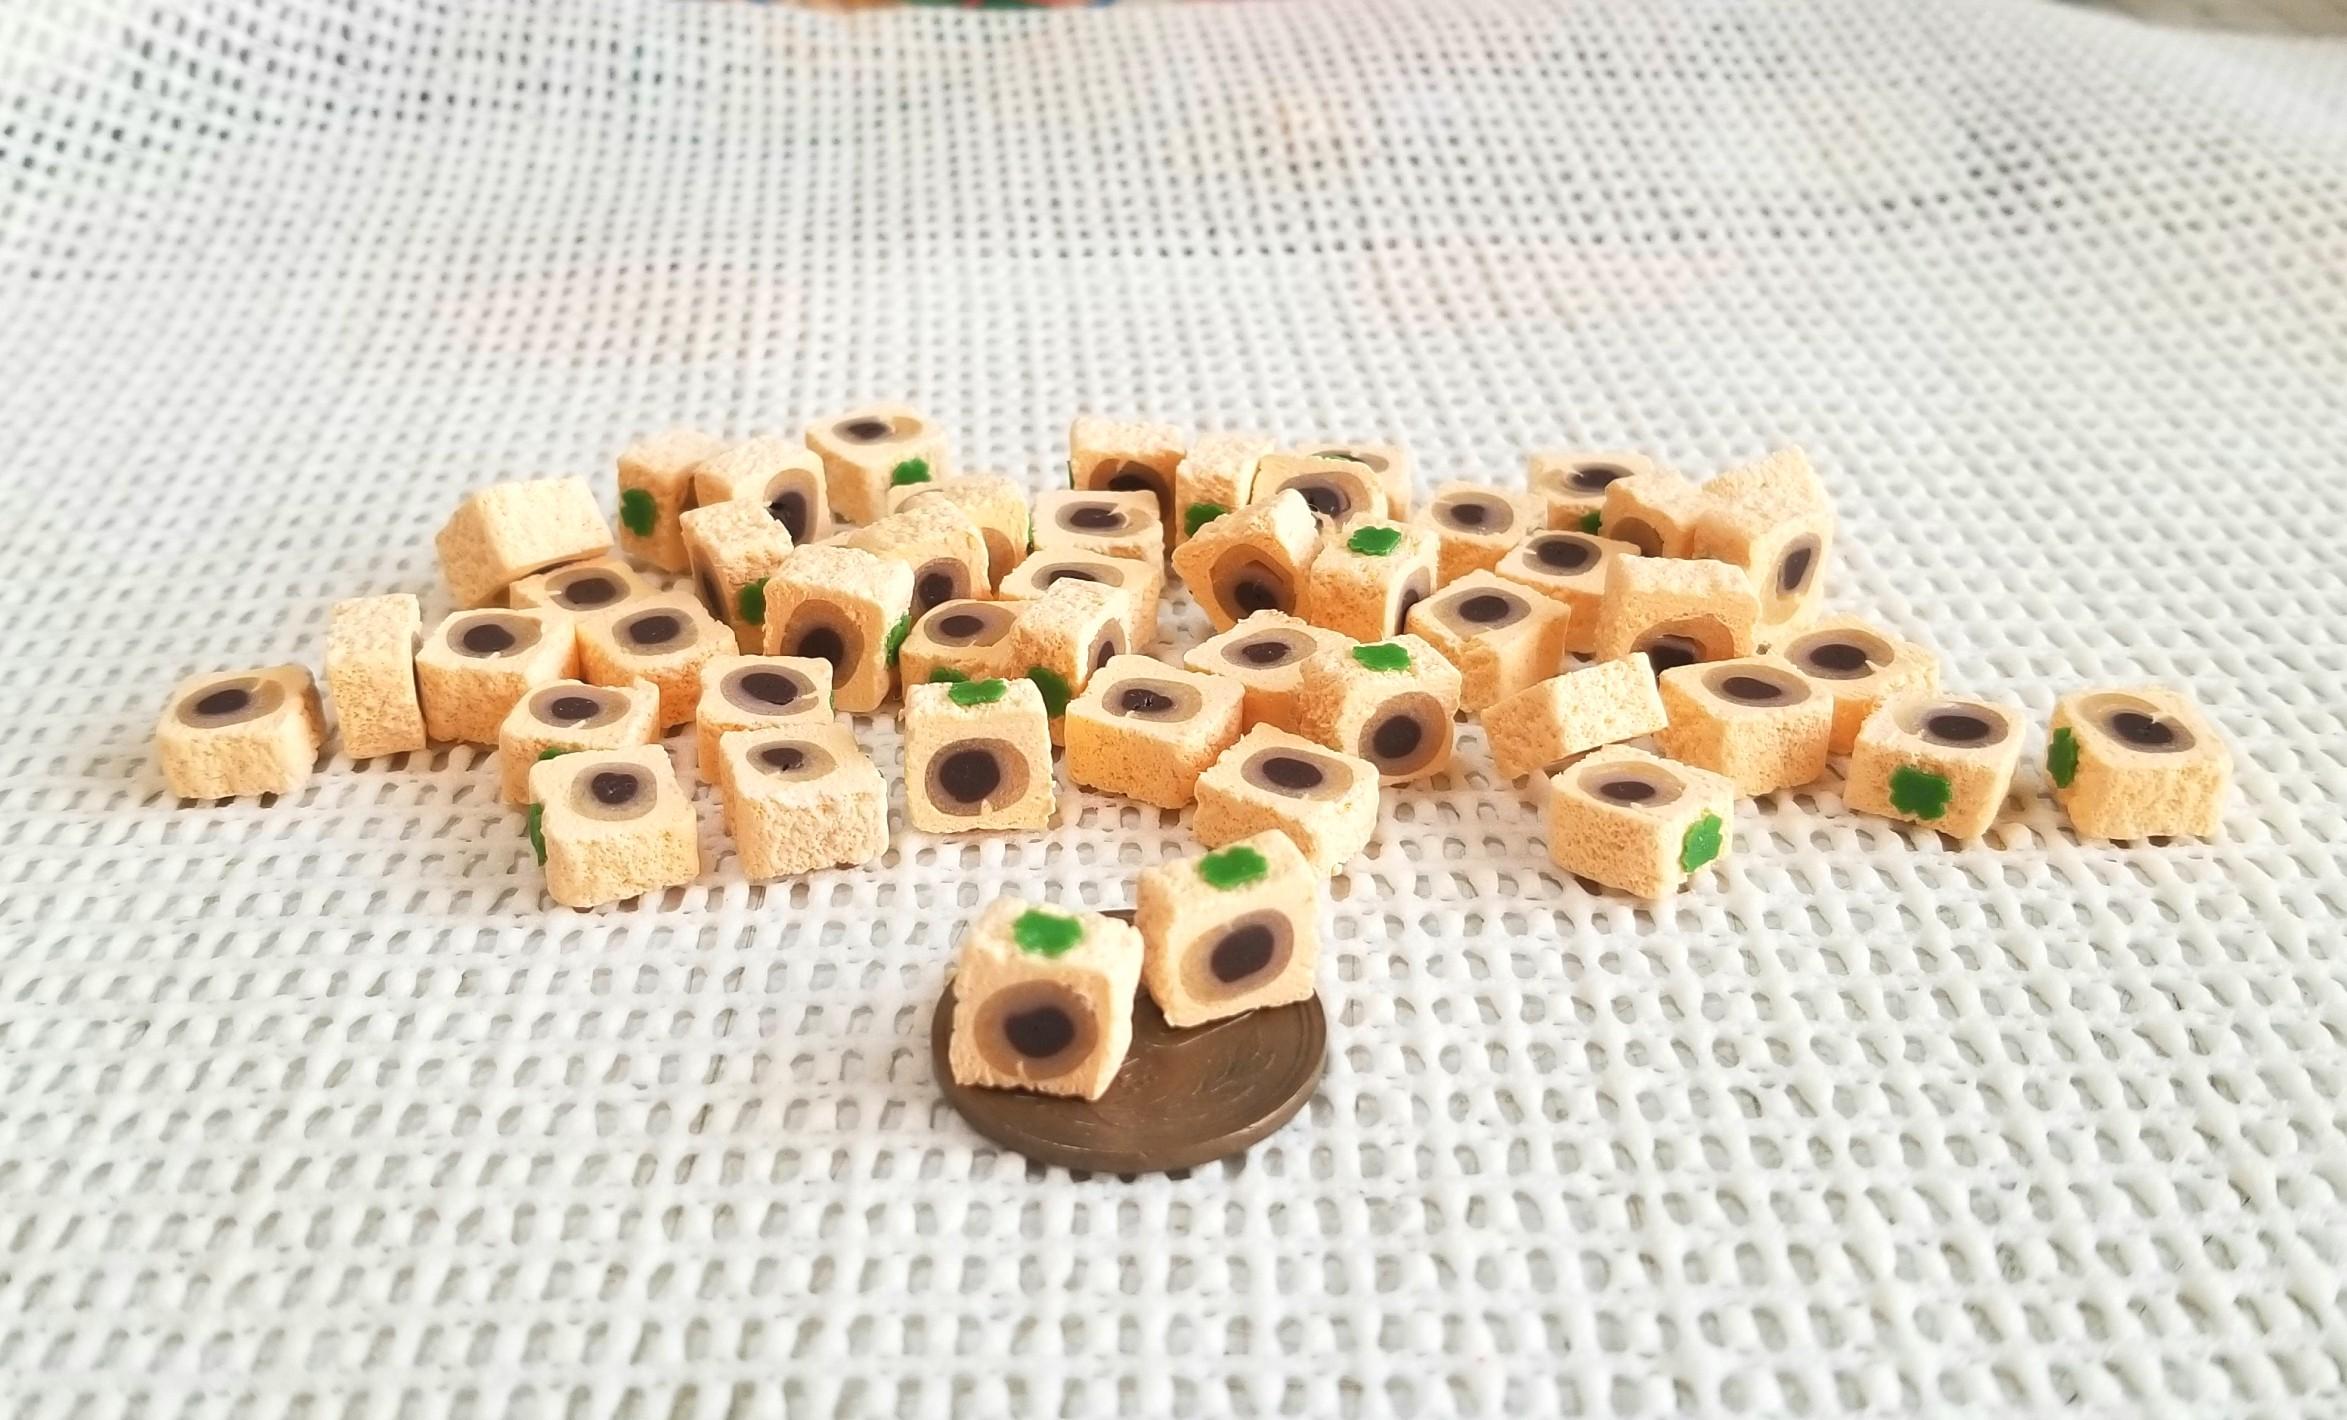 ミニチュアフード,和菓子,柿菓子,樹脂粘土,シルバニア,オビツ11